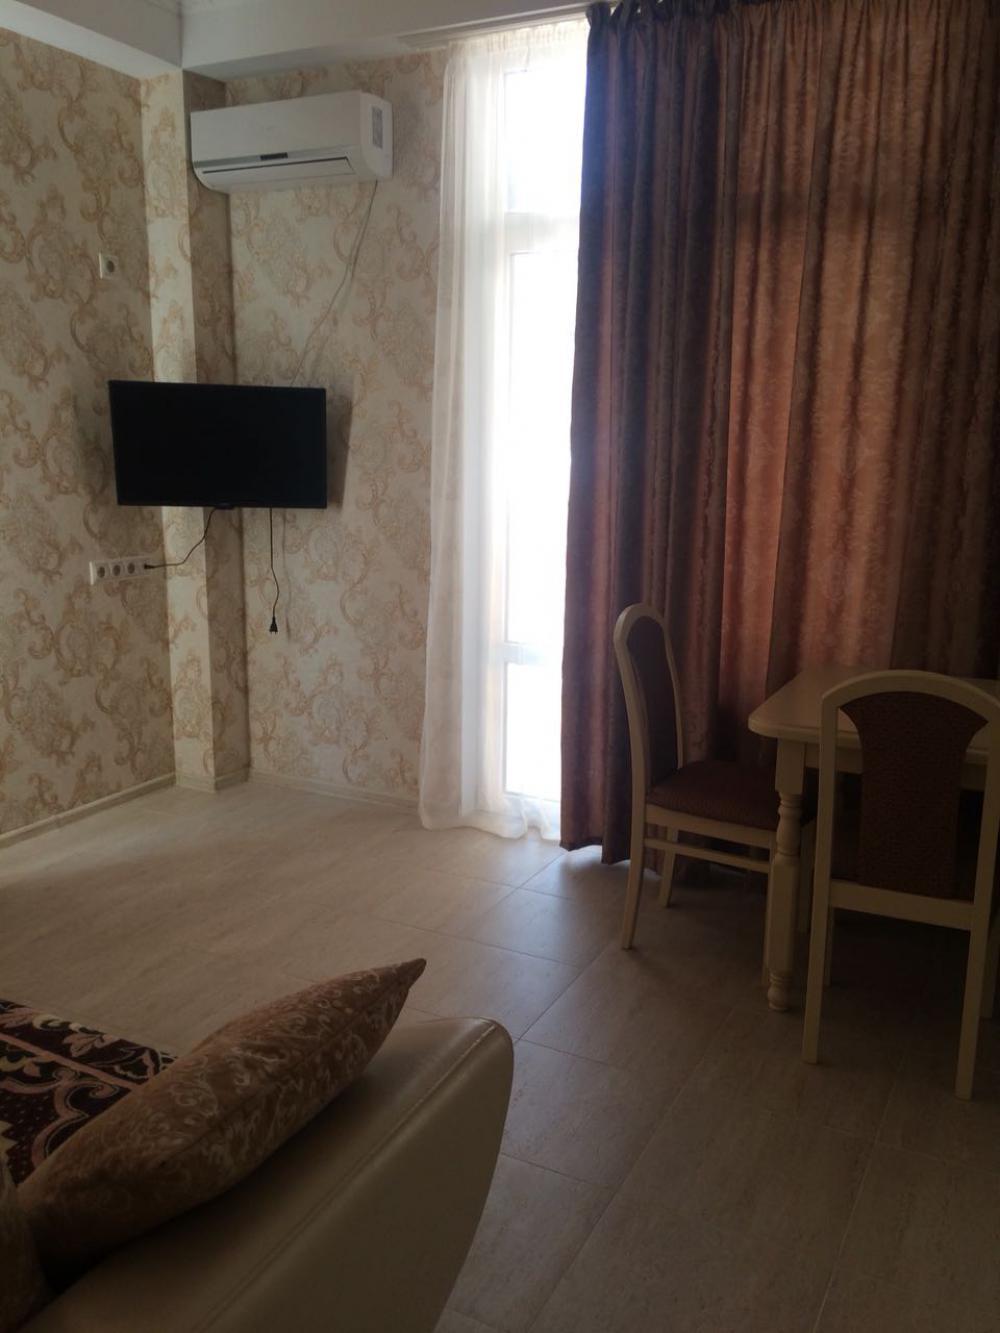 Продам -  23 Продаю полуторку 43 кв.м. с ремонтом, мебелью и техникой ул. Кленовая, д. 5 -Кленовая - цена: 6200000 руб.